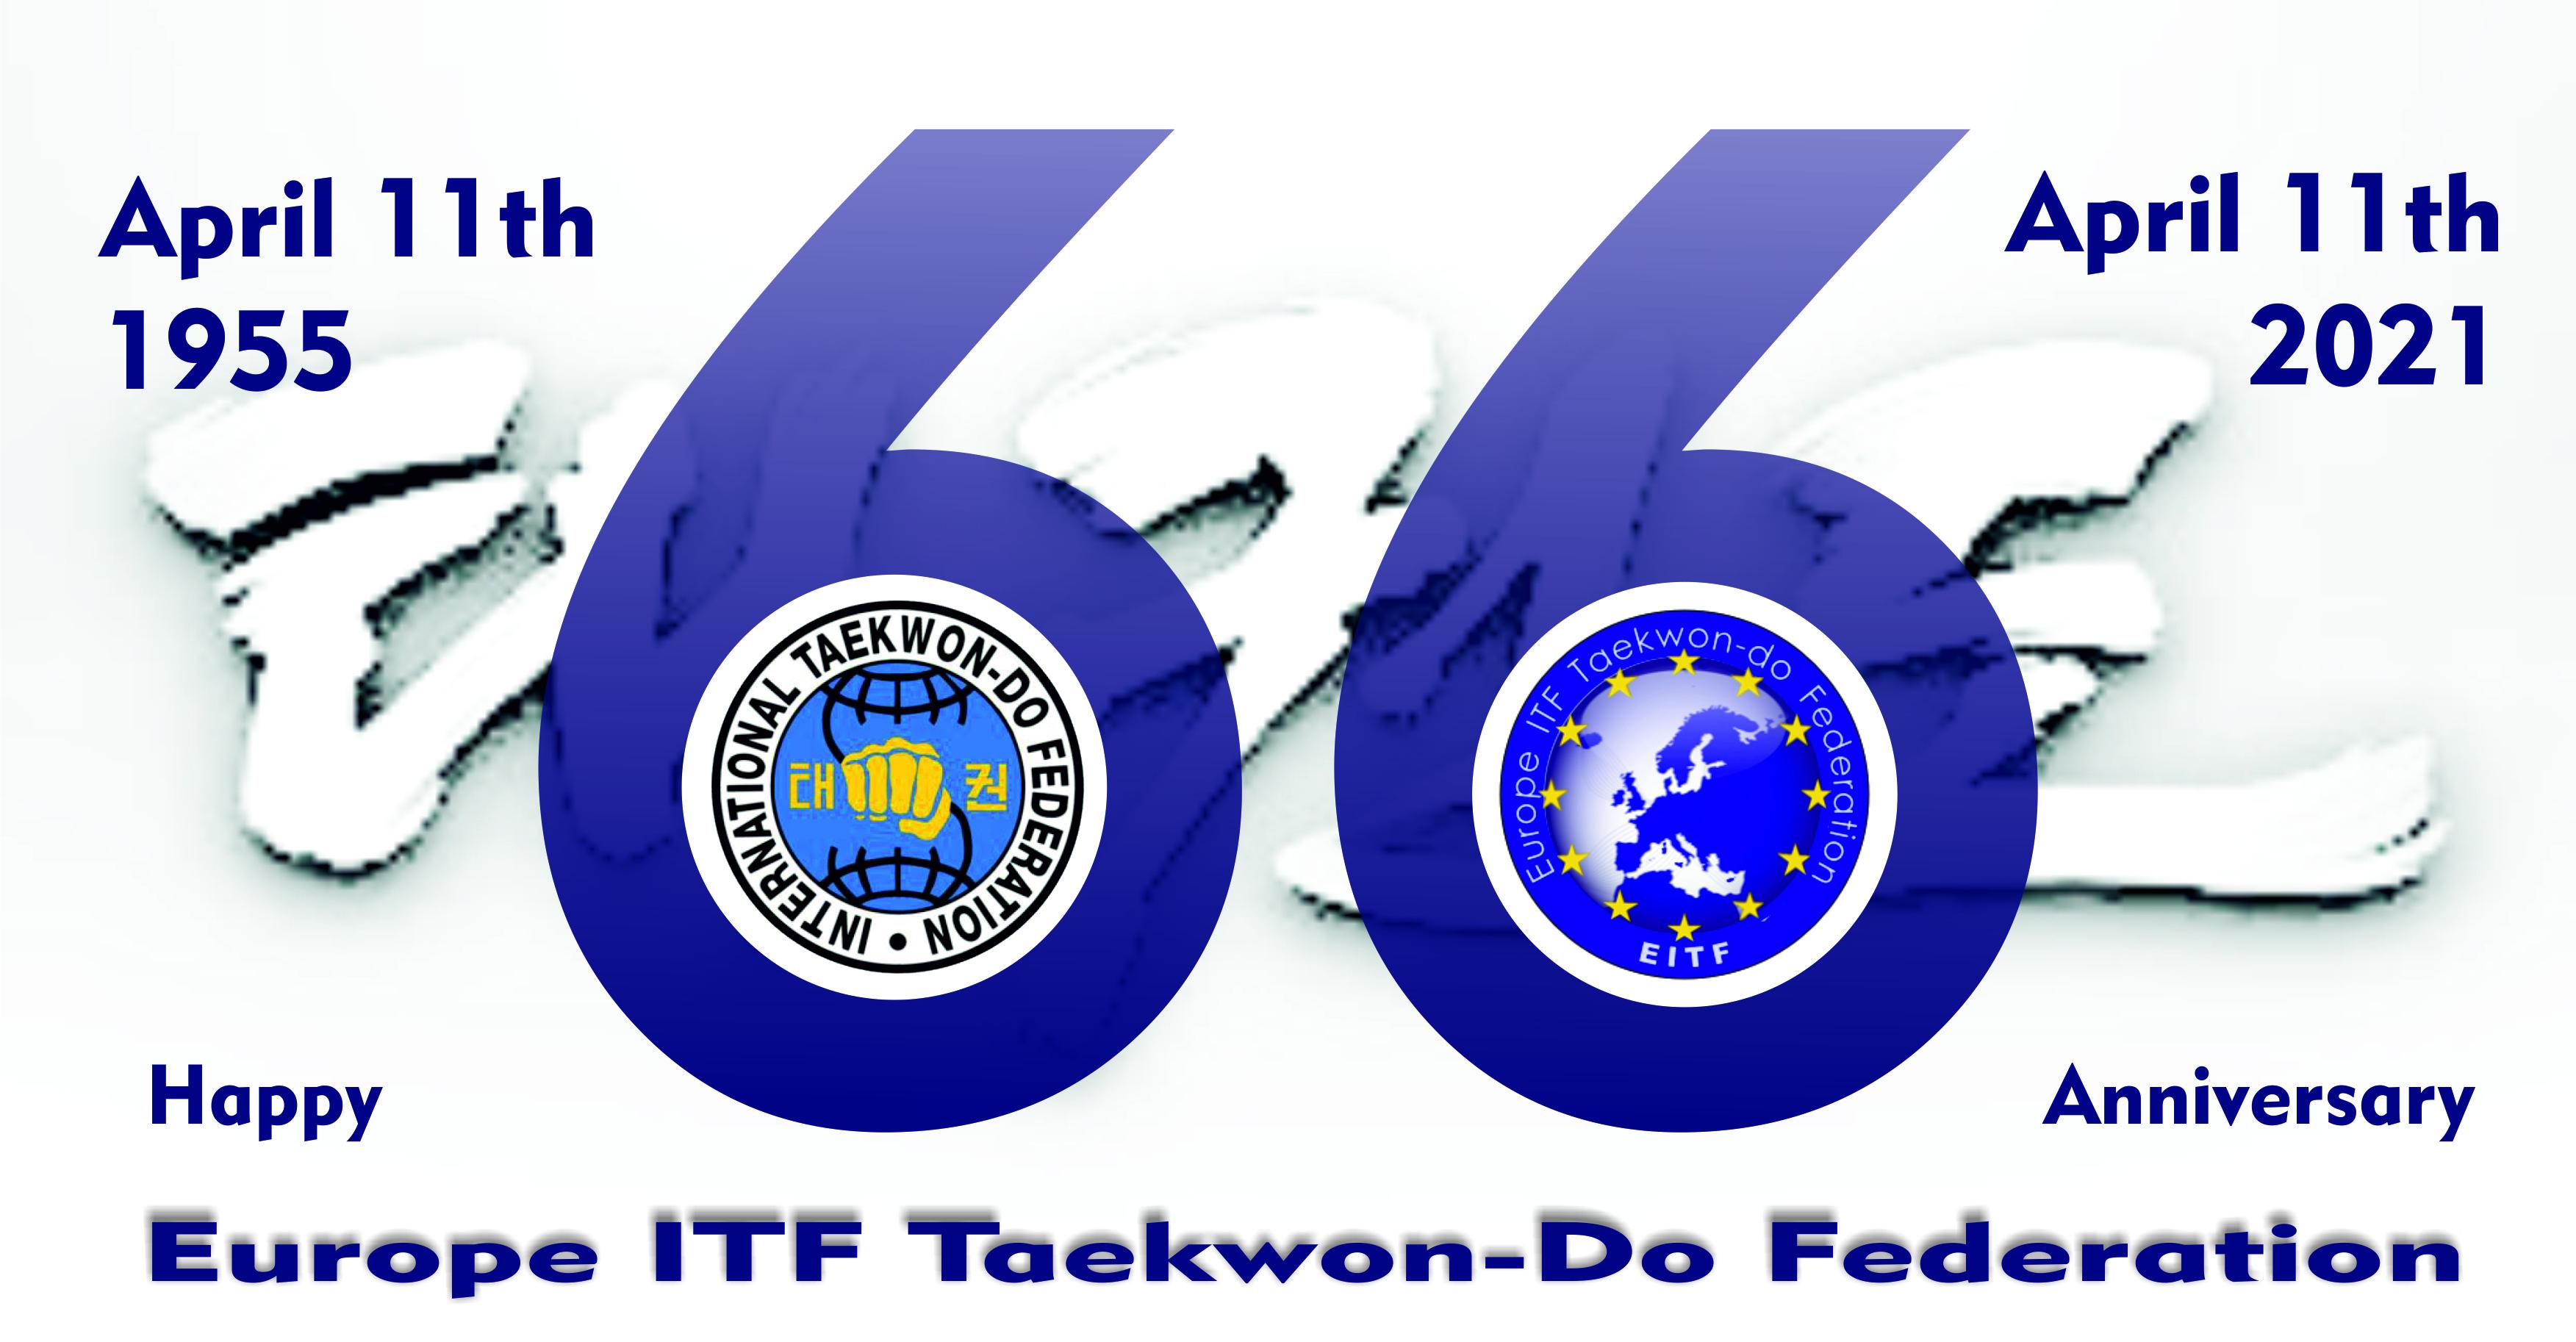 Taekwon-Do Anniversary